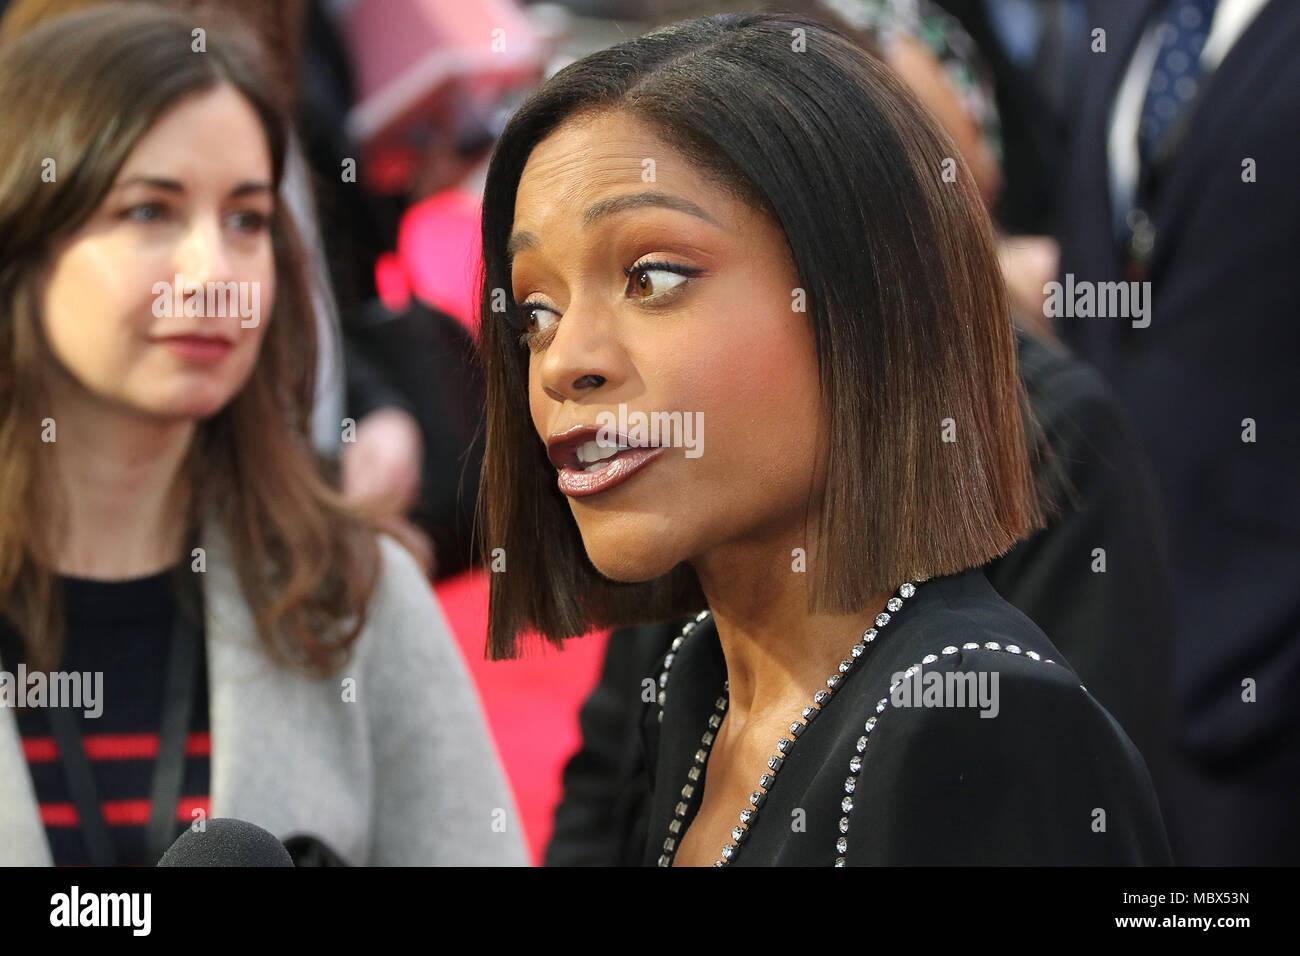 London, Großbritannien. 11. April 2018. Naomie Harris, Rampage - Europäische Premiere, Leicester Square, London, UK, 11. April 2018, Foto von Richard Goldschmidt Credit: Rich Gold/Alamy leben Nachrichten Stockfoto